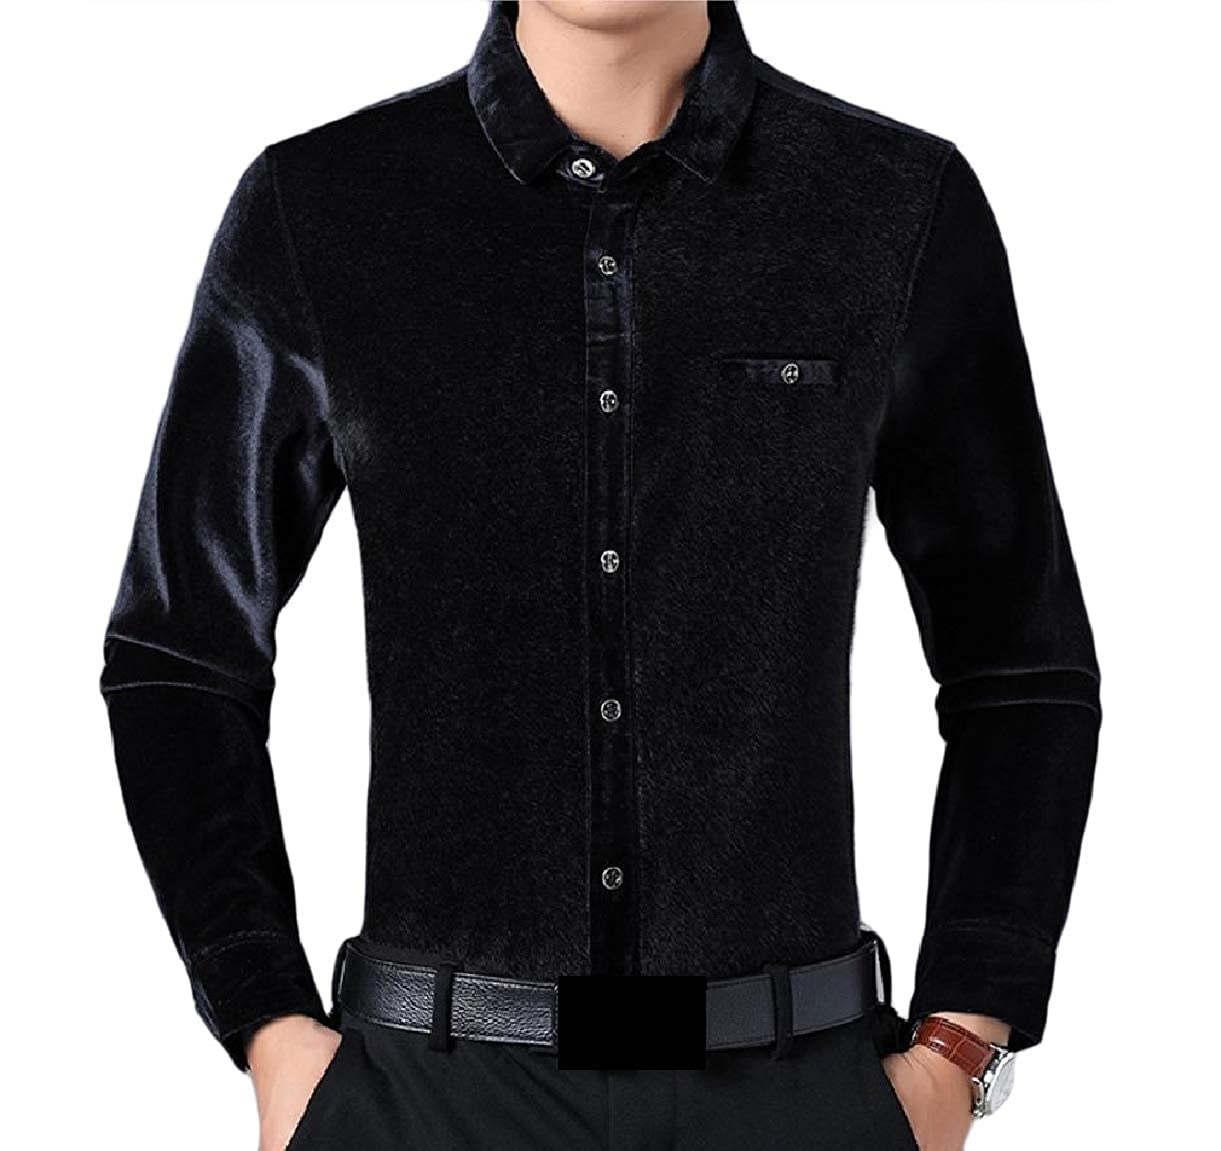 SportsX Mens Thickened Formal Premium Flannel Soft Warm Work Shirt